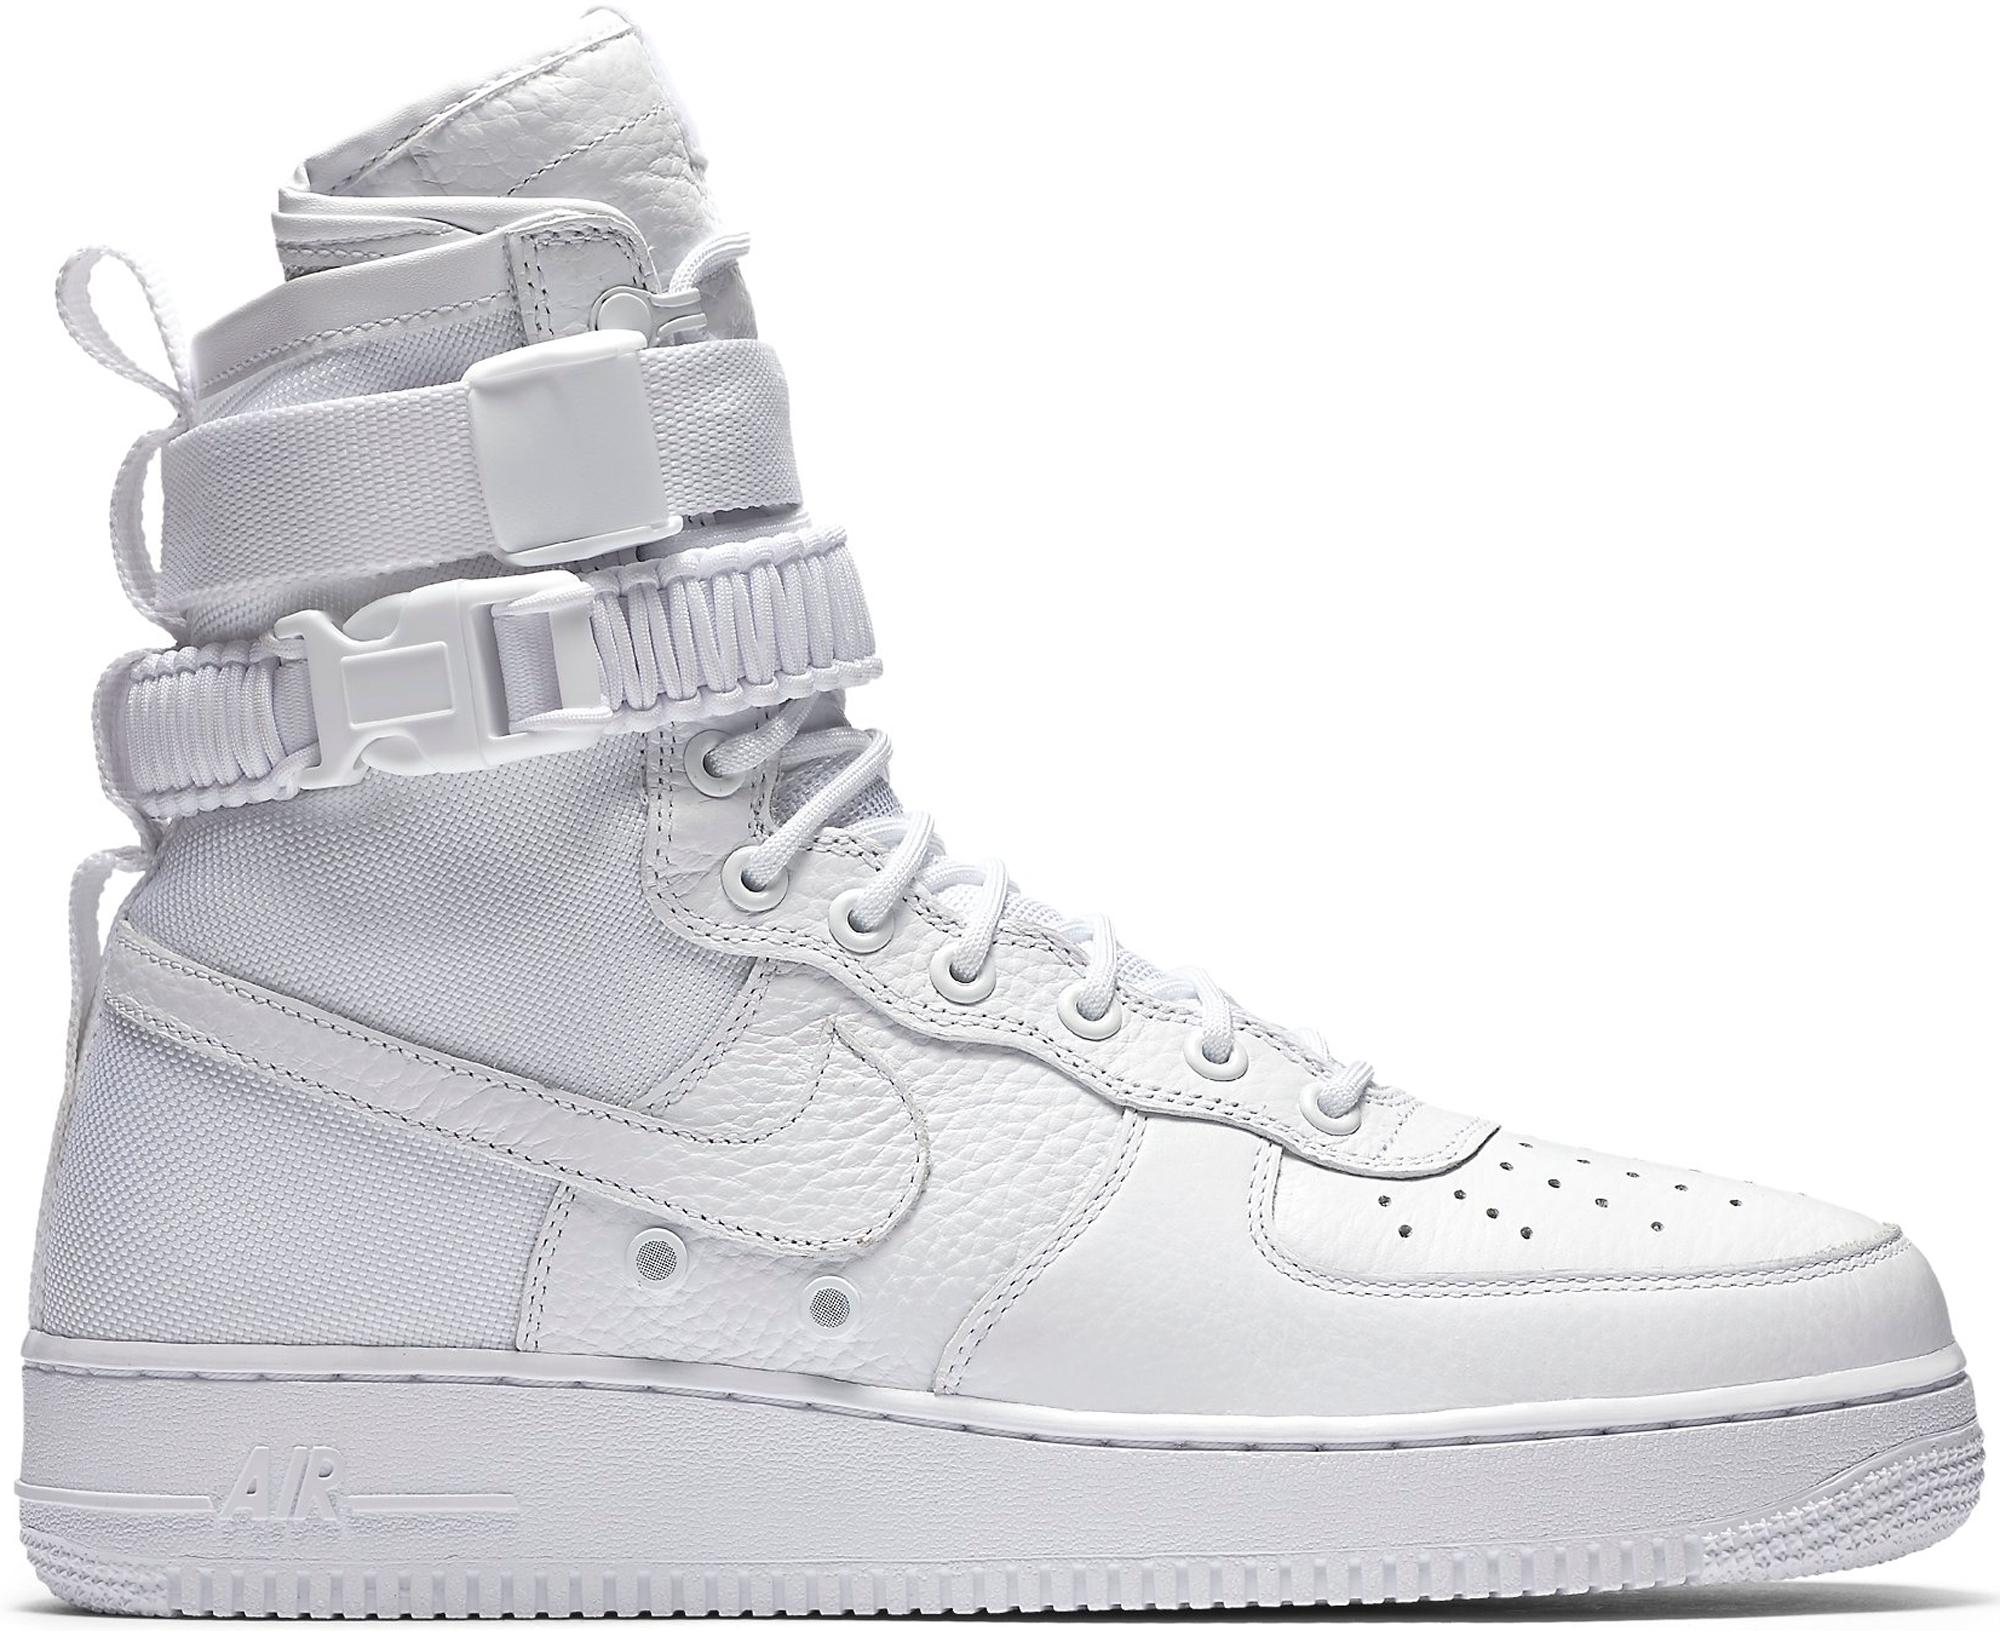 Nike SF Air Force 1 High White (2017)